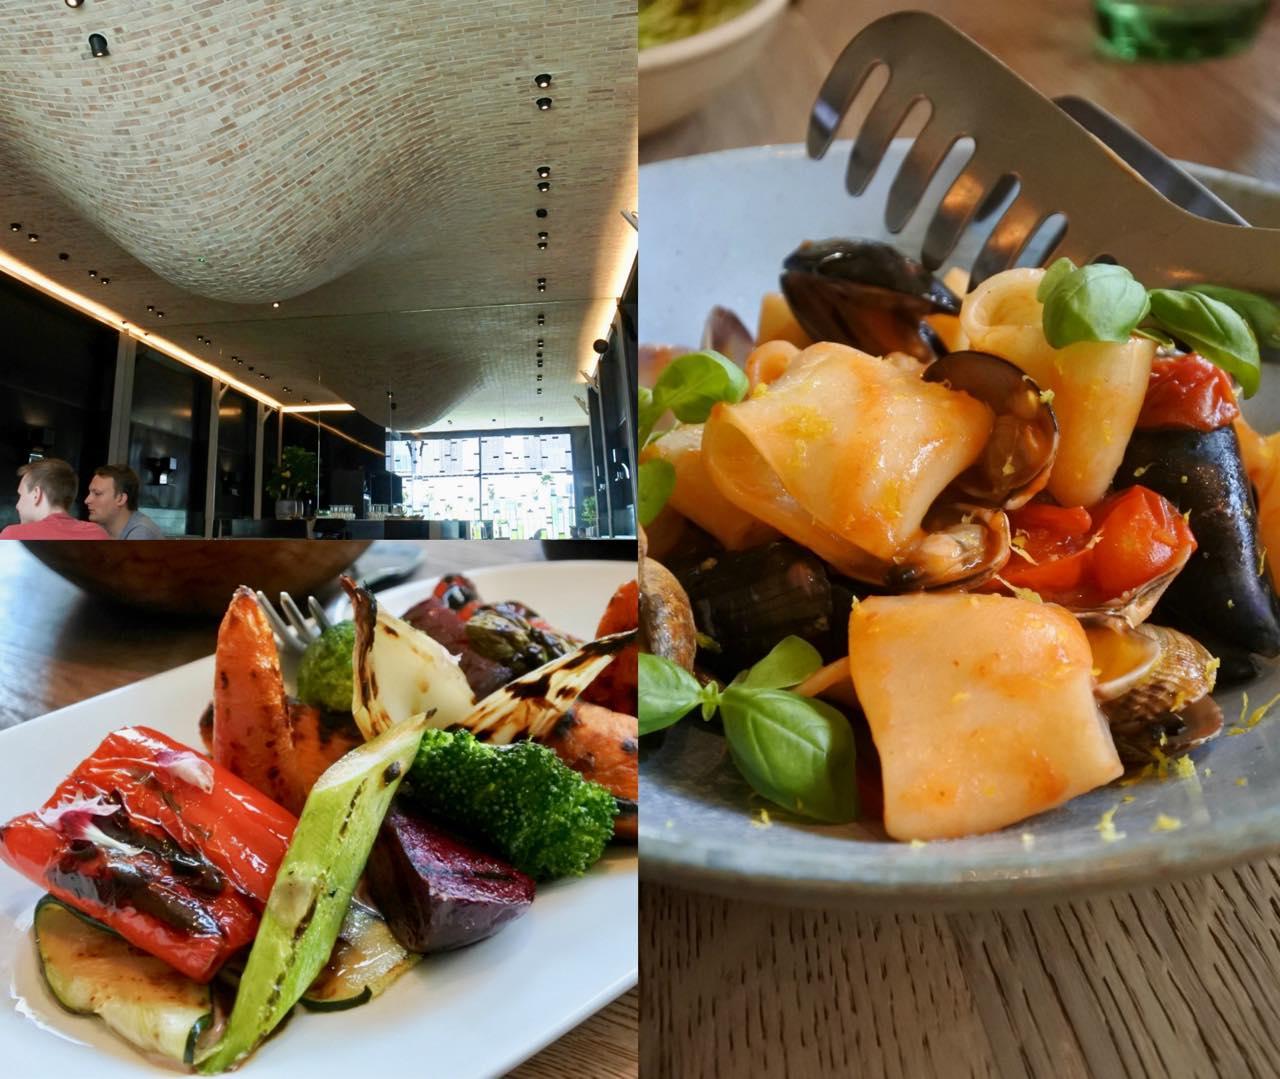 ショートパスタの魚介ソースは、味そのものはいいけれど、パスタが固くてソースが少ないので、パスタ本来の美味しさを味わいきれないデザイン。左はグリル野菜。